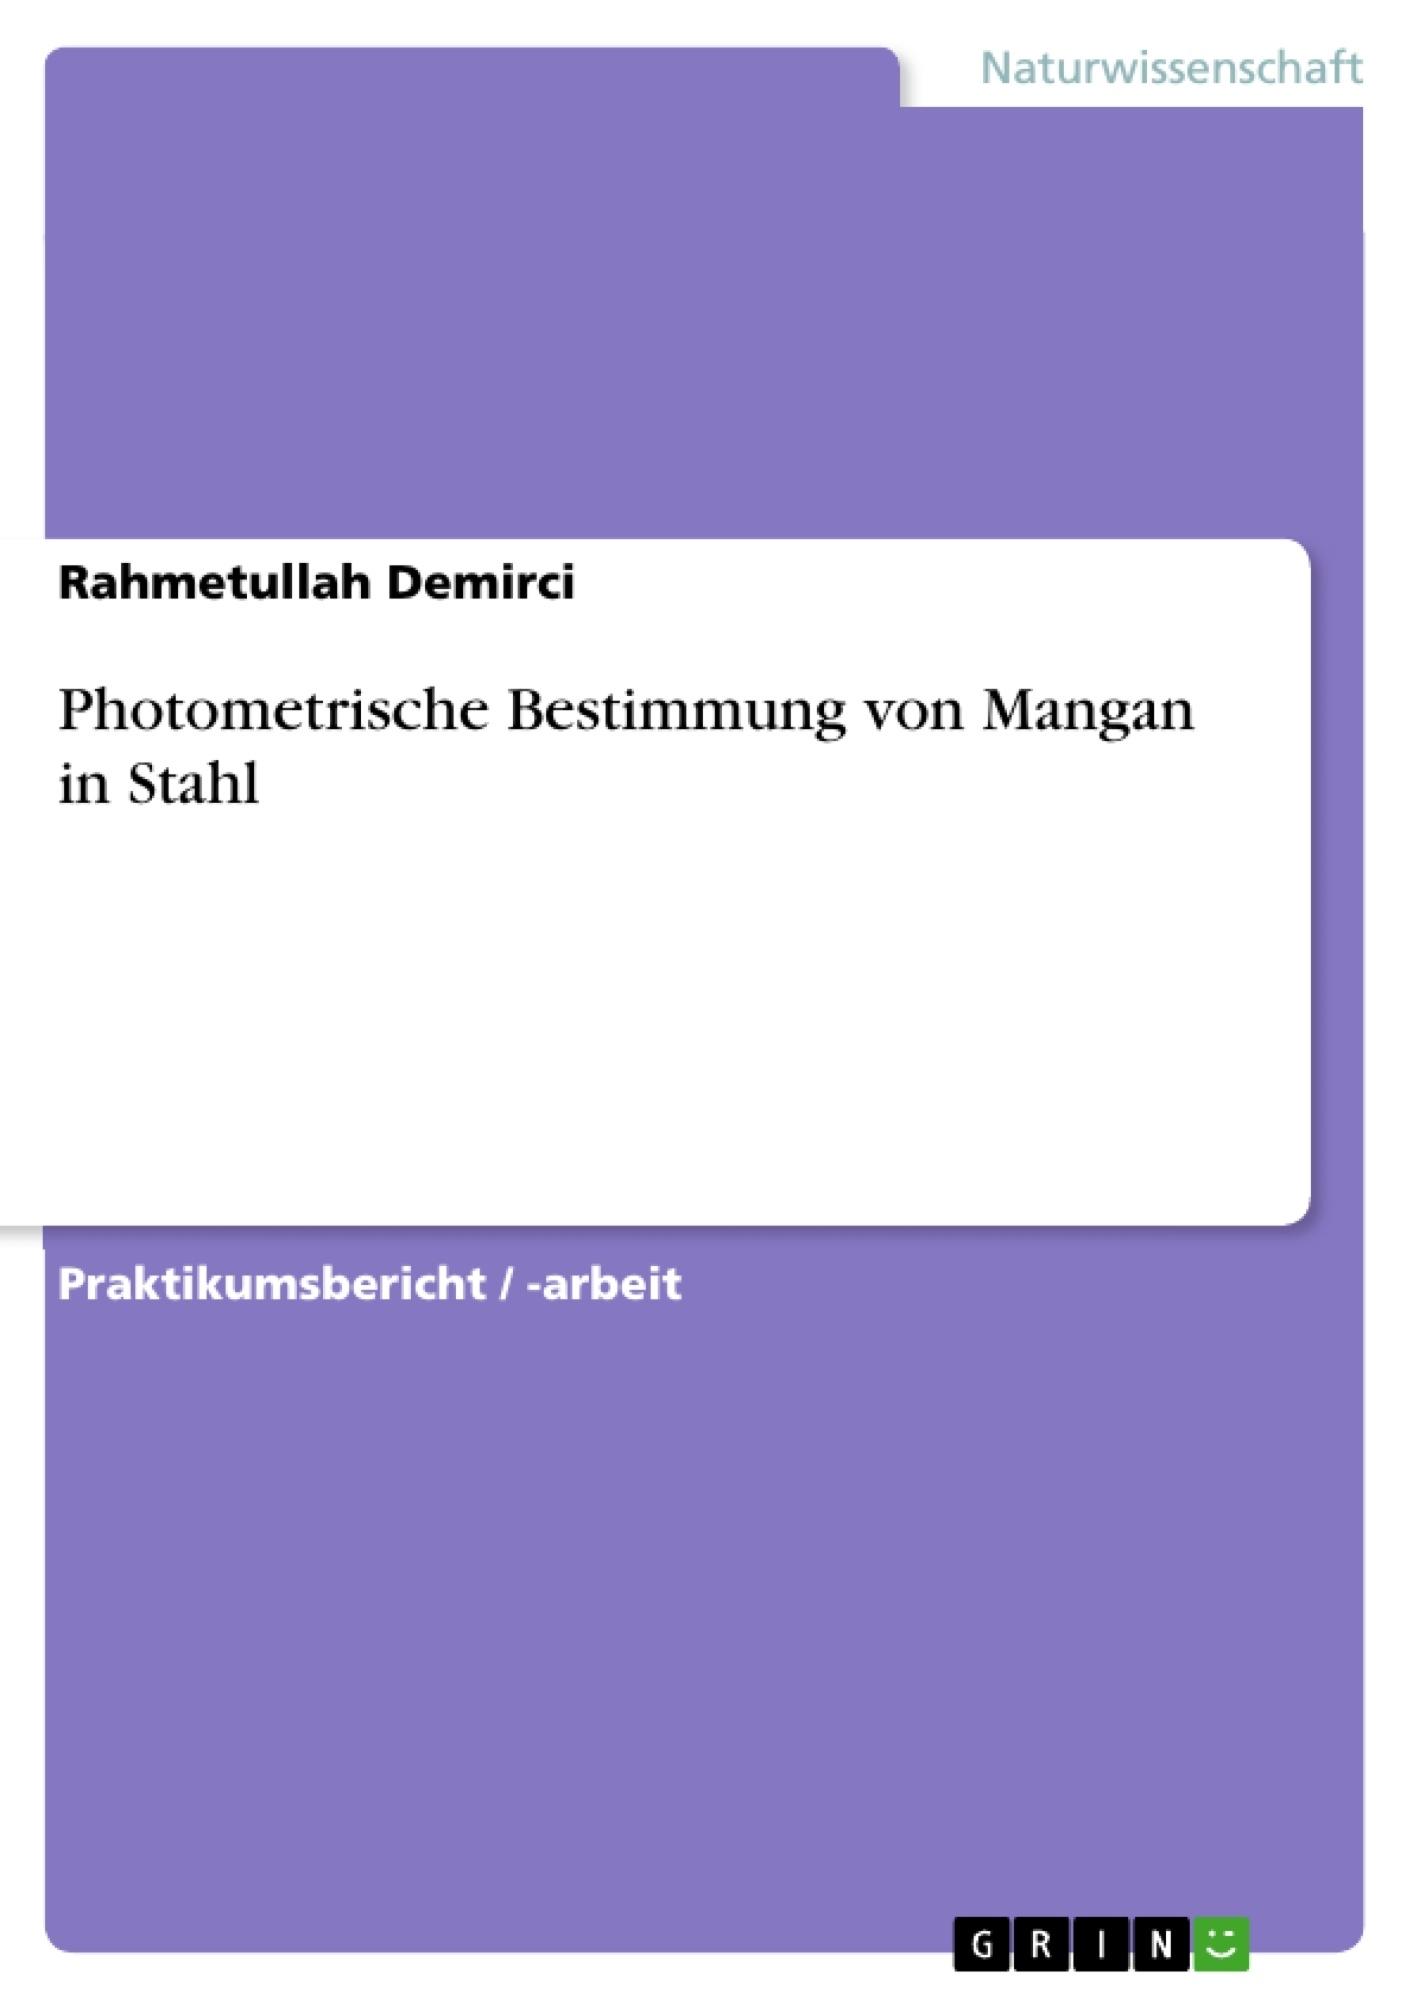 Titel: Photometrische Bestimmung von Mangan in Stahl